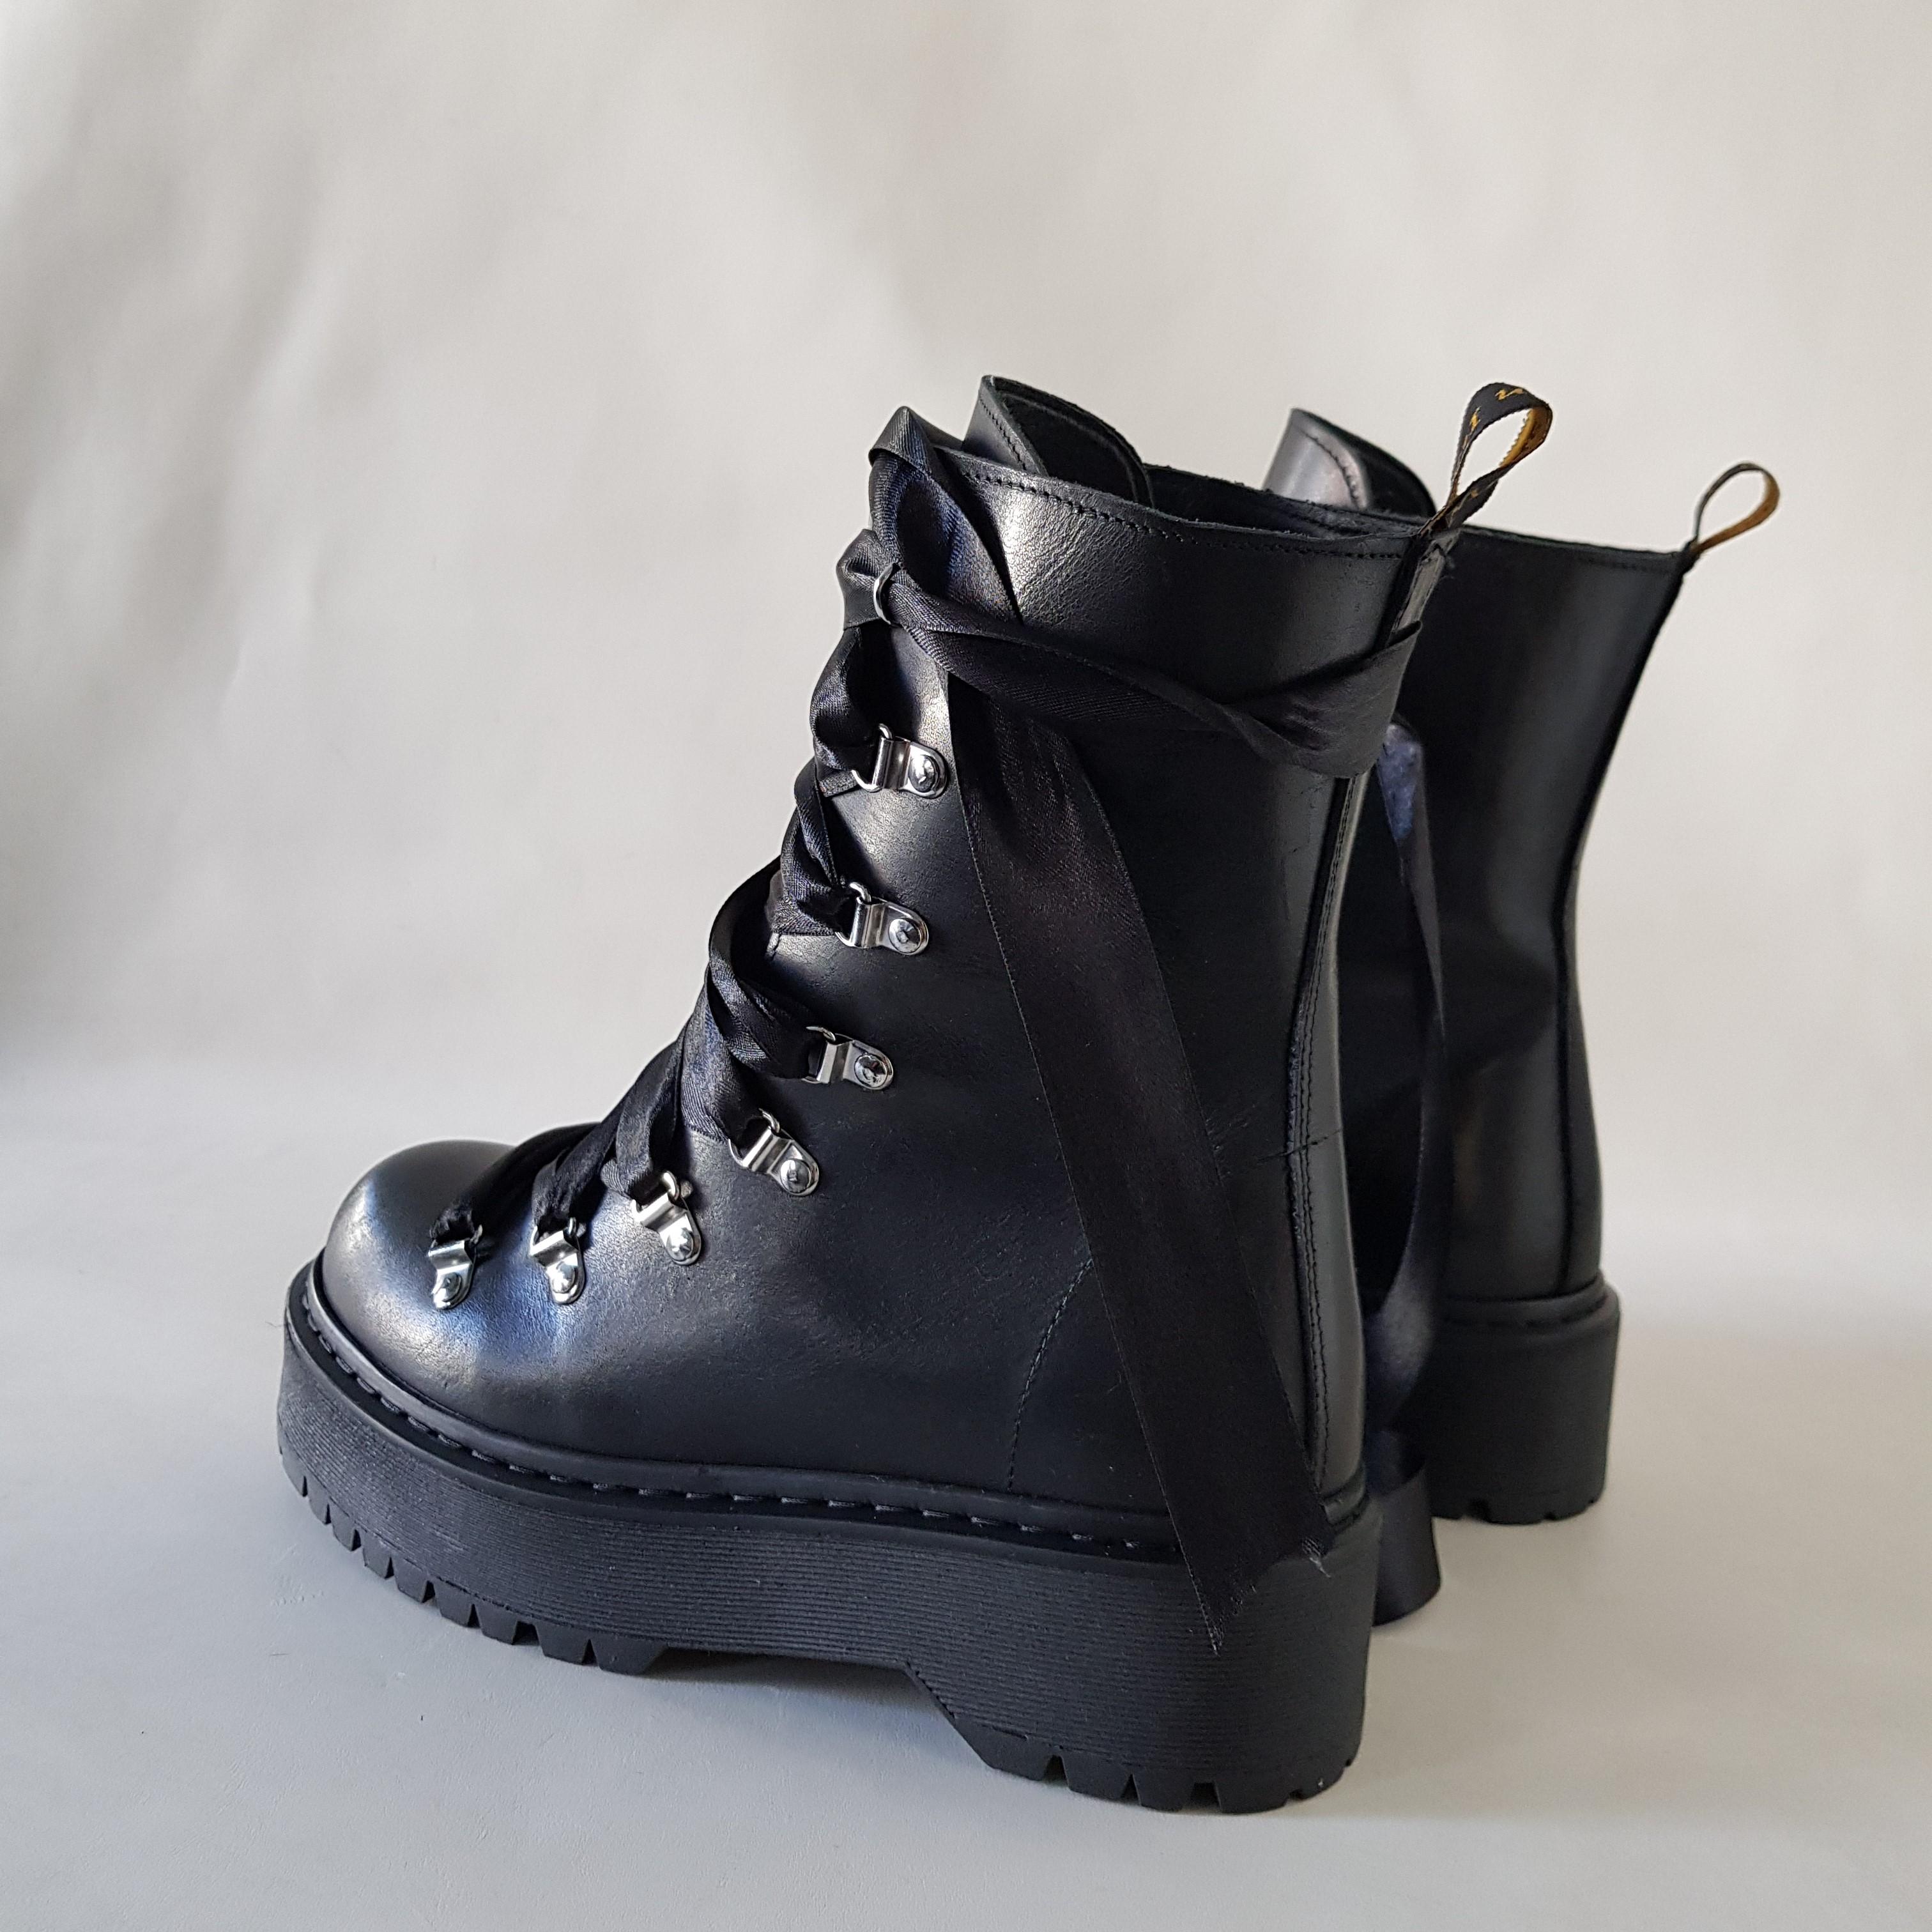 Stivaletti lacci raso nero pelle nero oxford100 - Lia diva scarpe ...